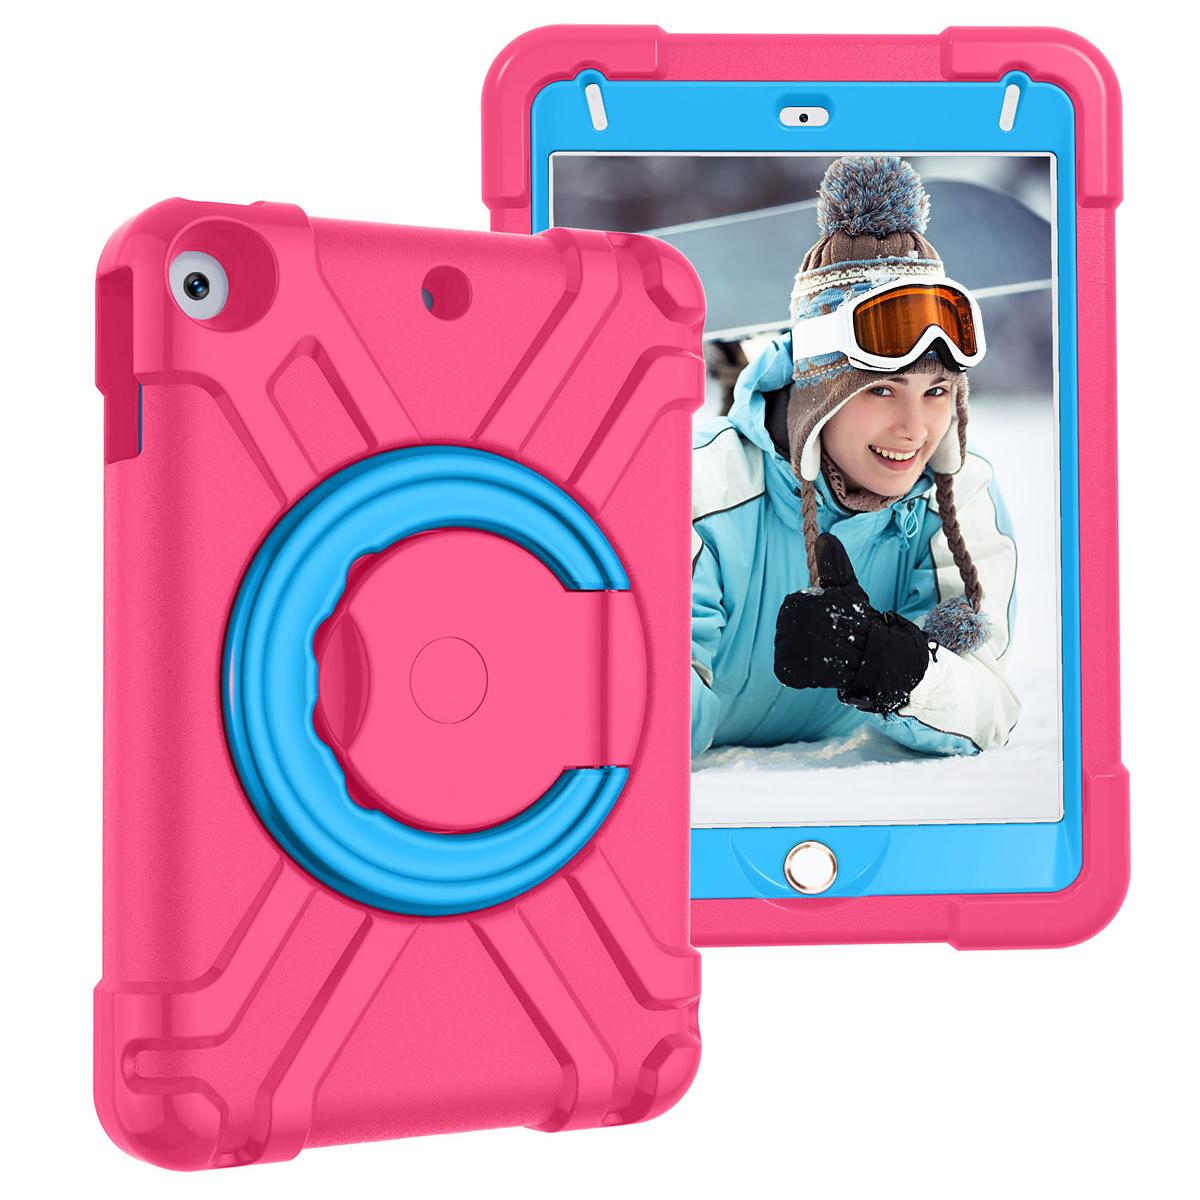 Barnfodral med roterbart ställ, iPad mini 4/5, rosa/blå